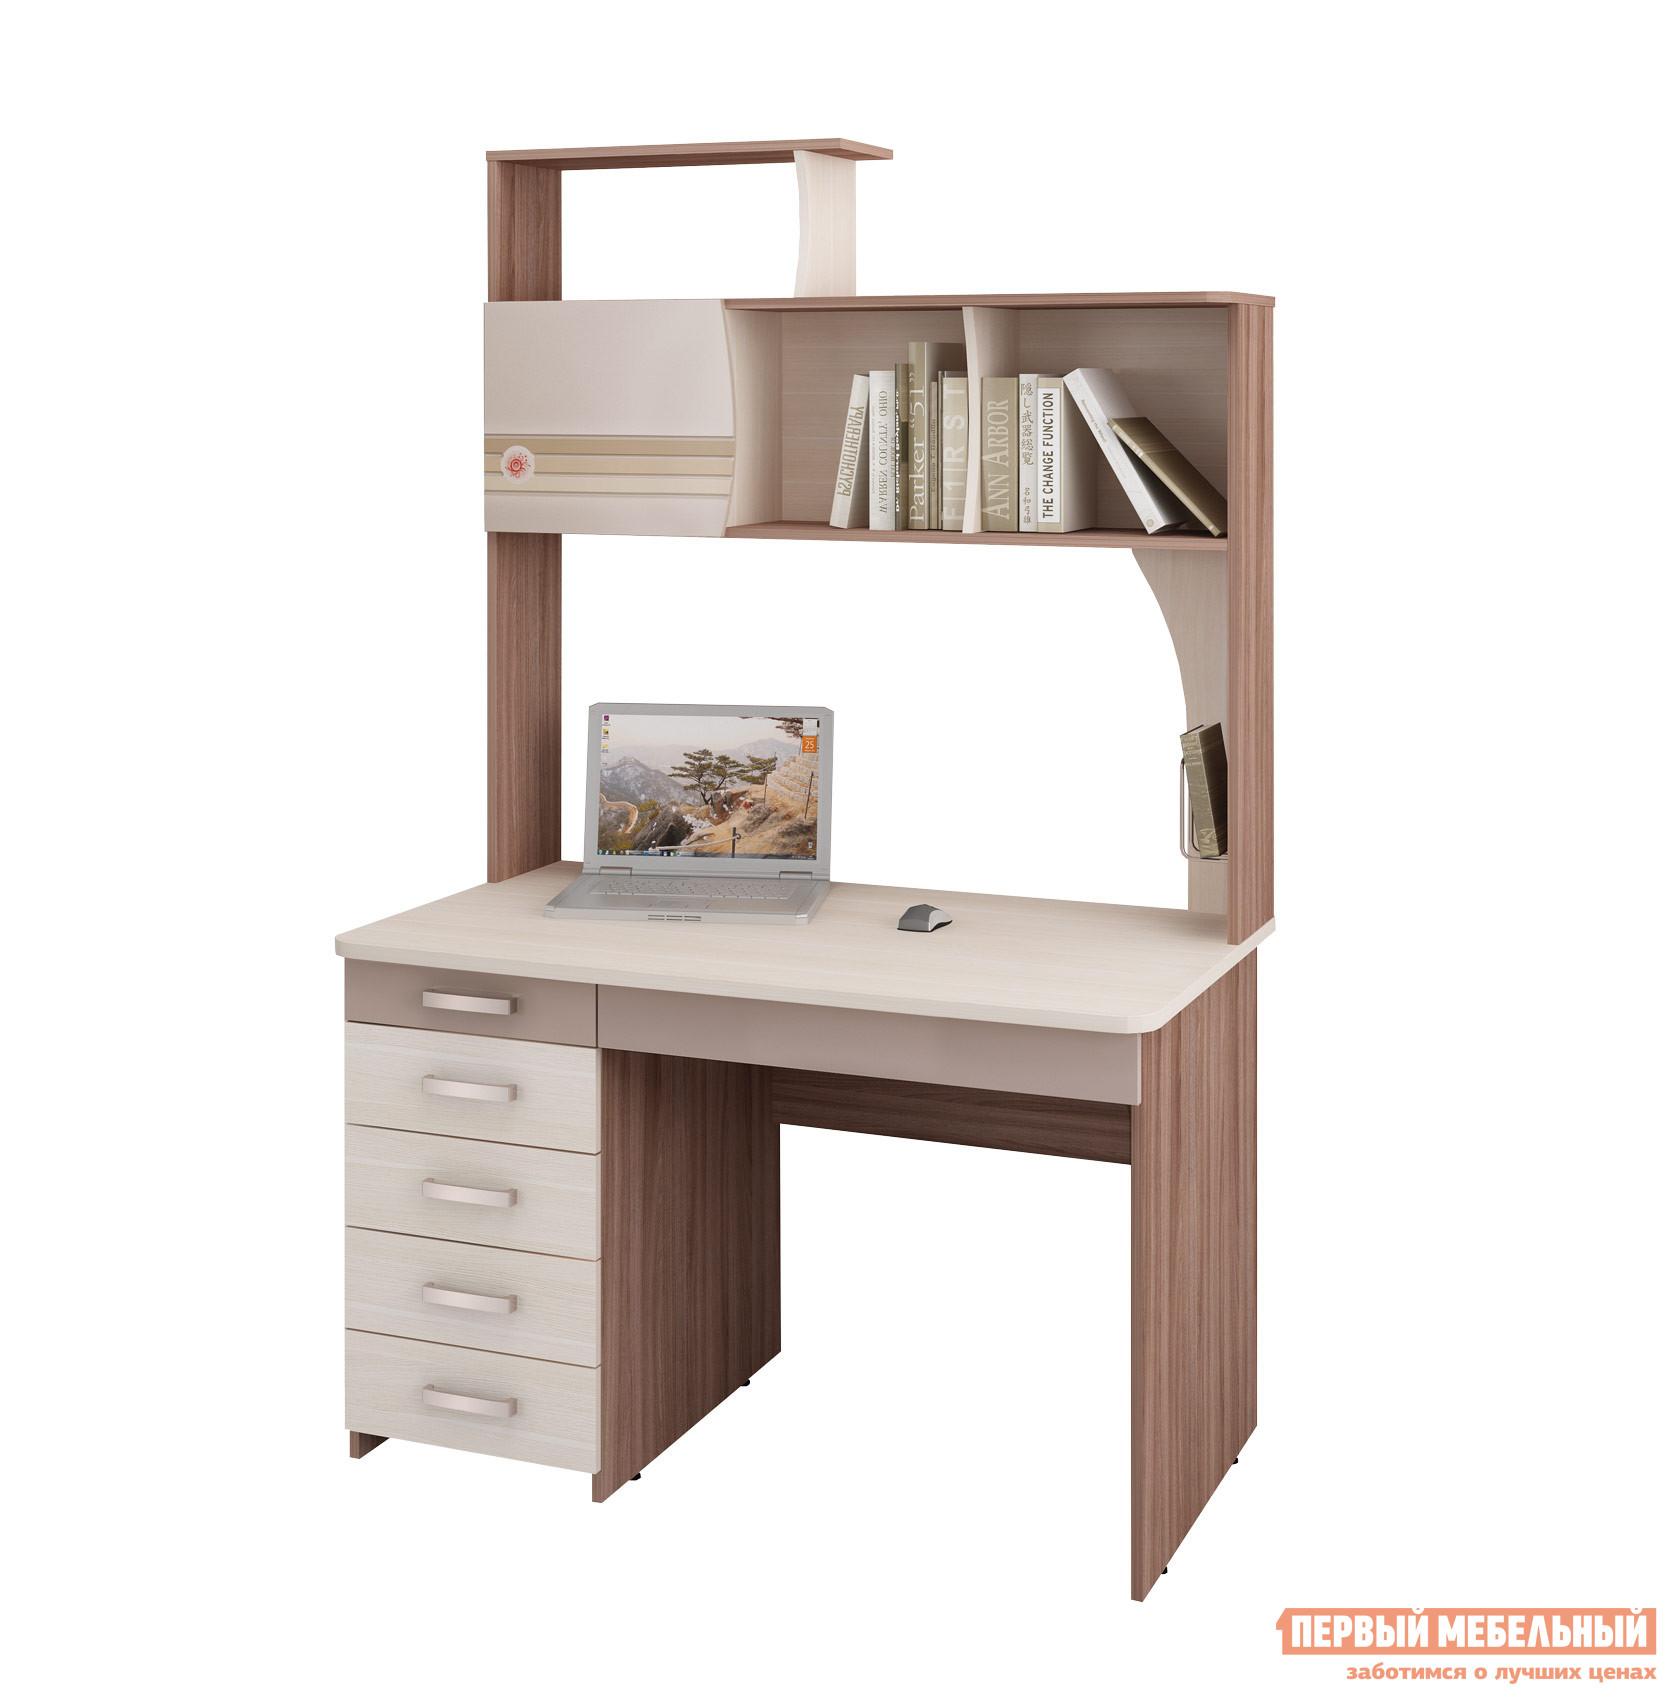 Компьютерный стол детский Витра Британия-52.14 письменный стол витра 41 42 41